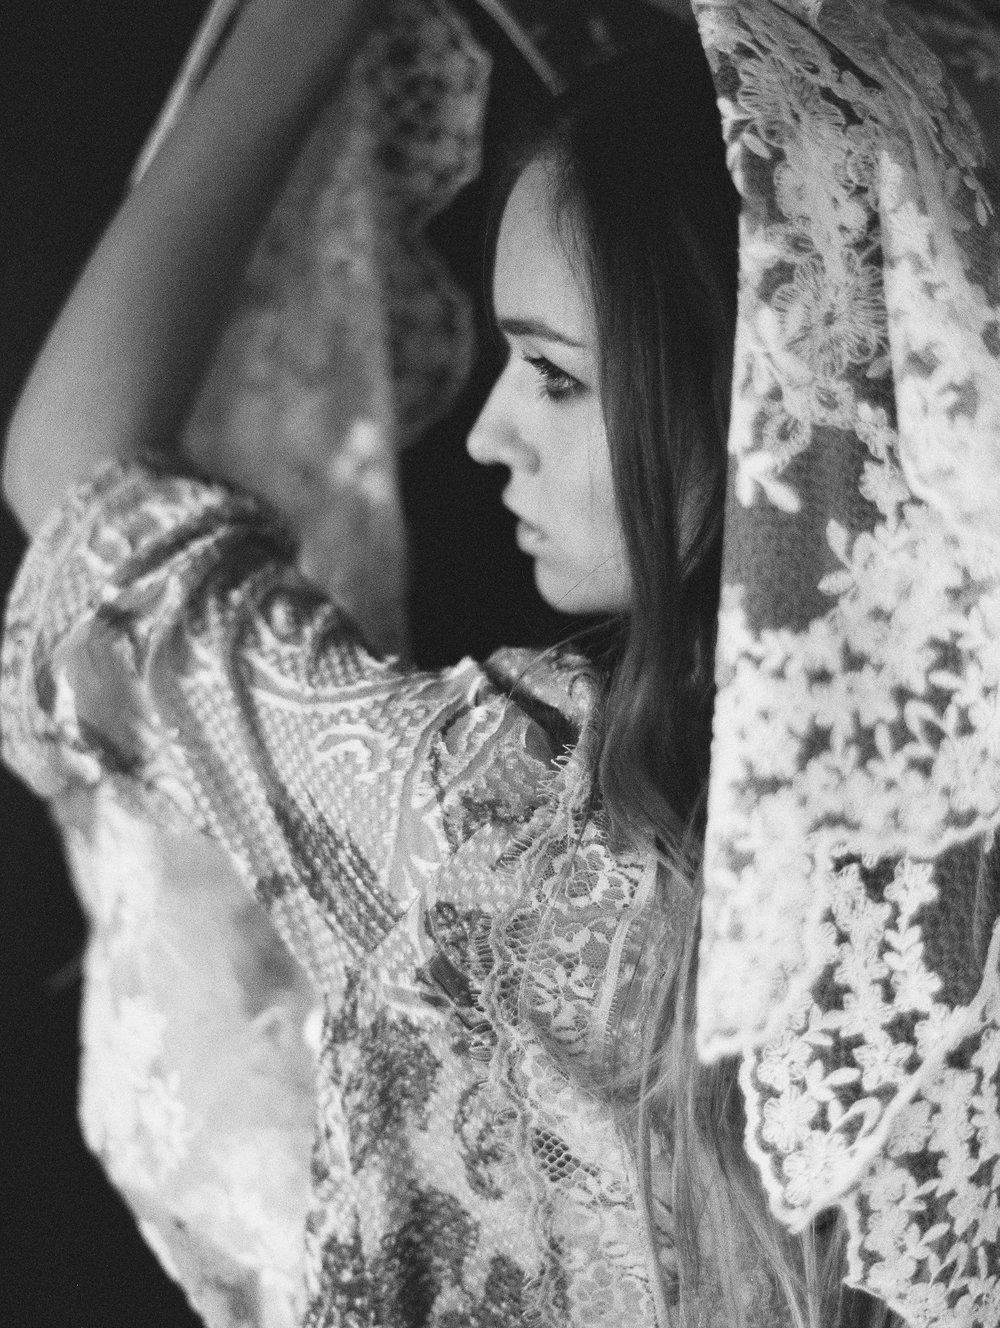 Nina&WesPhotography_MorningRetiscence_059.jpg